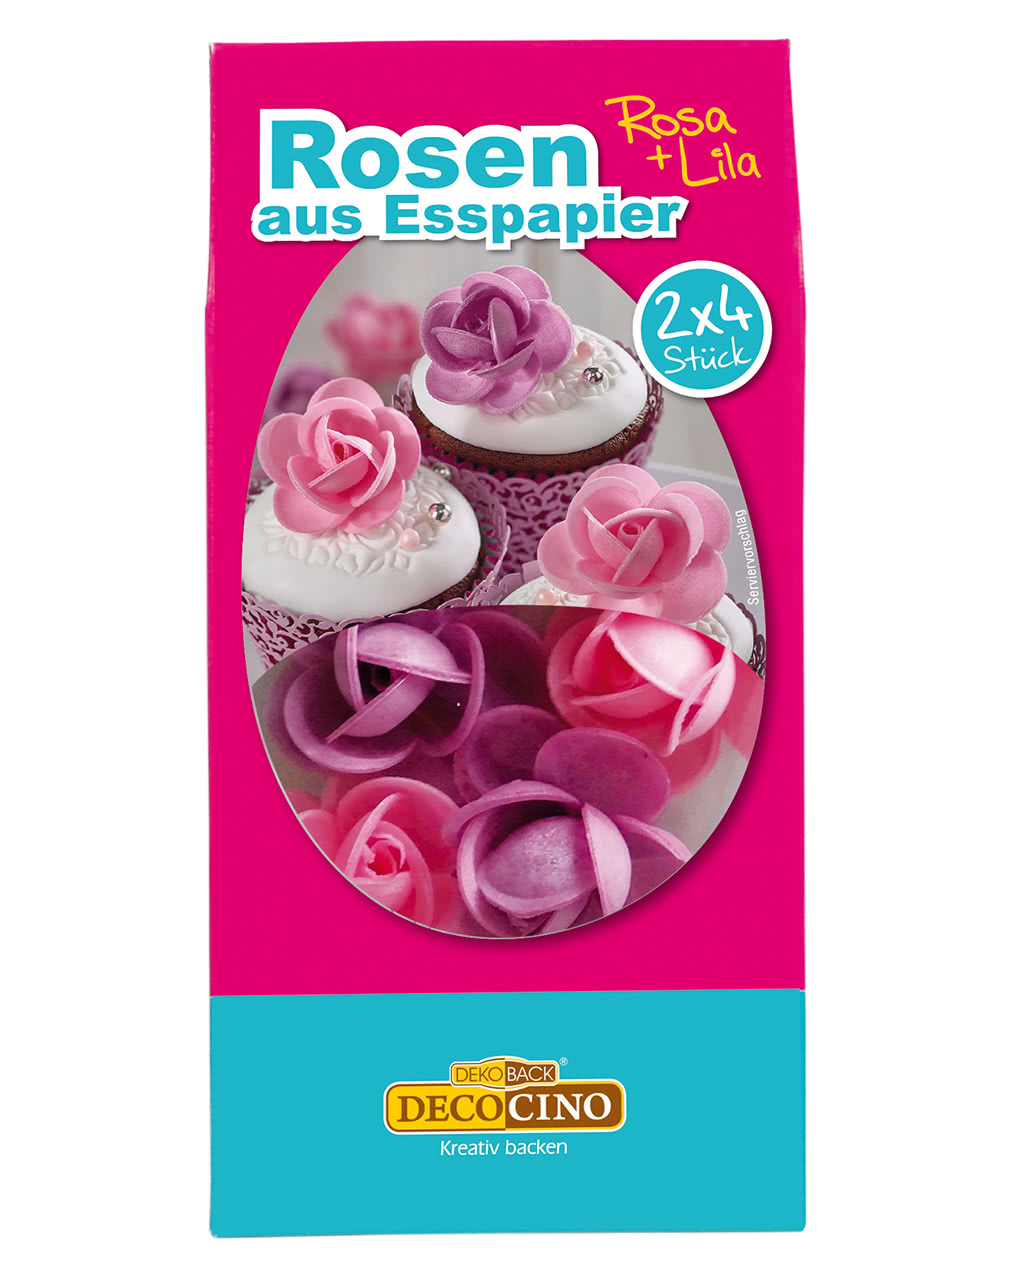 Rosen Aus Esspapier Rosa Lila 2 X 4 Stuck Horror Shop Com